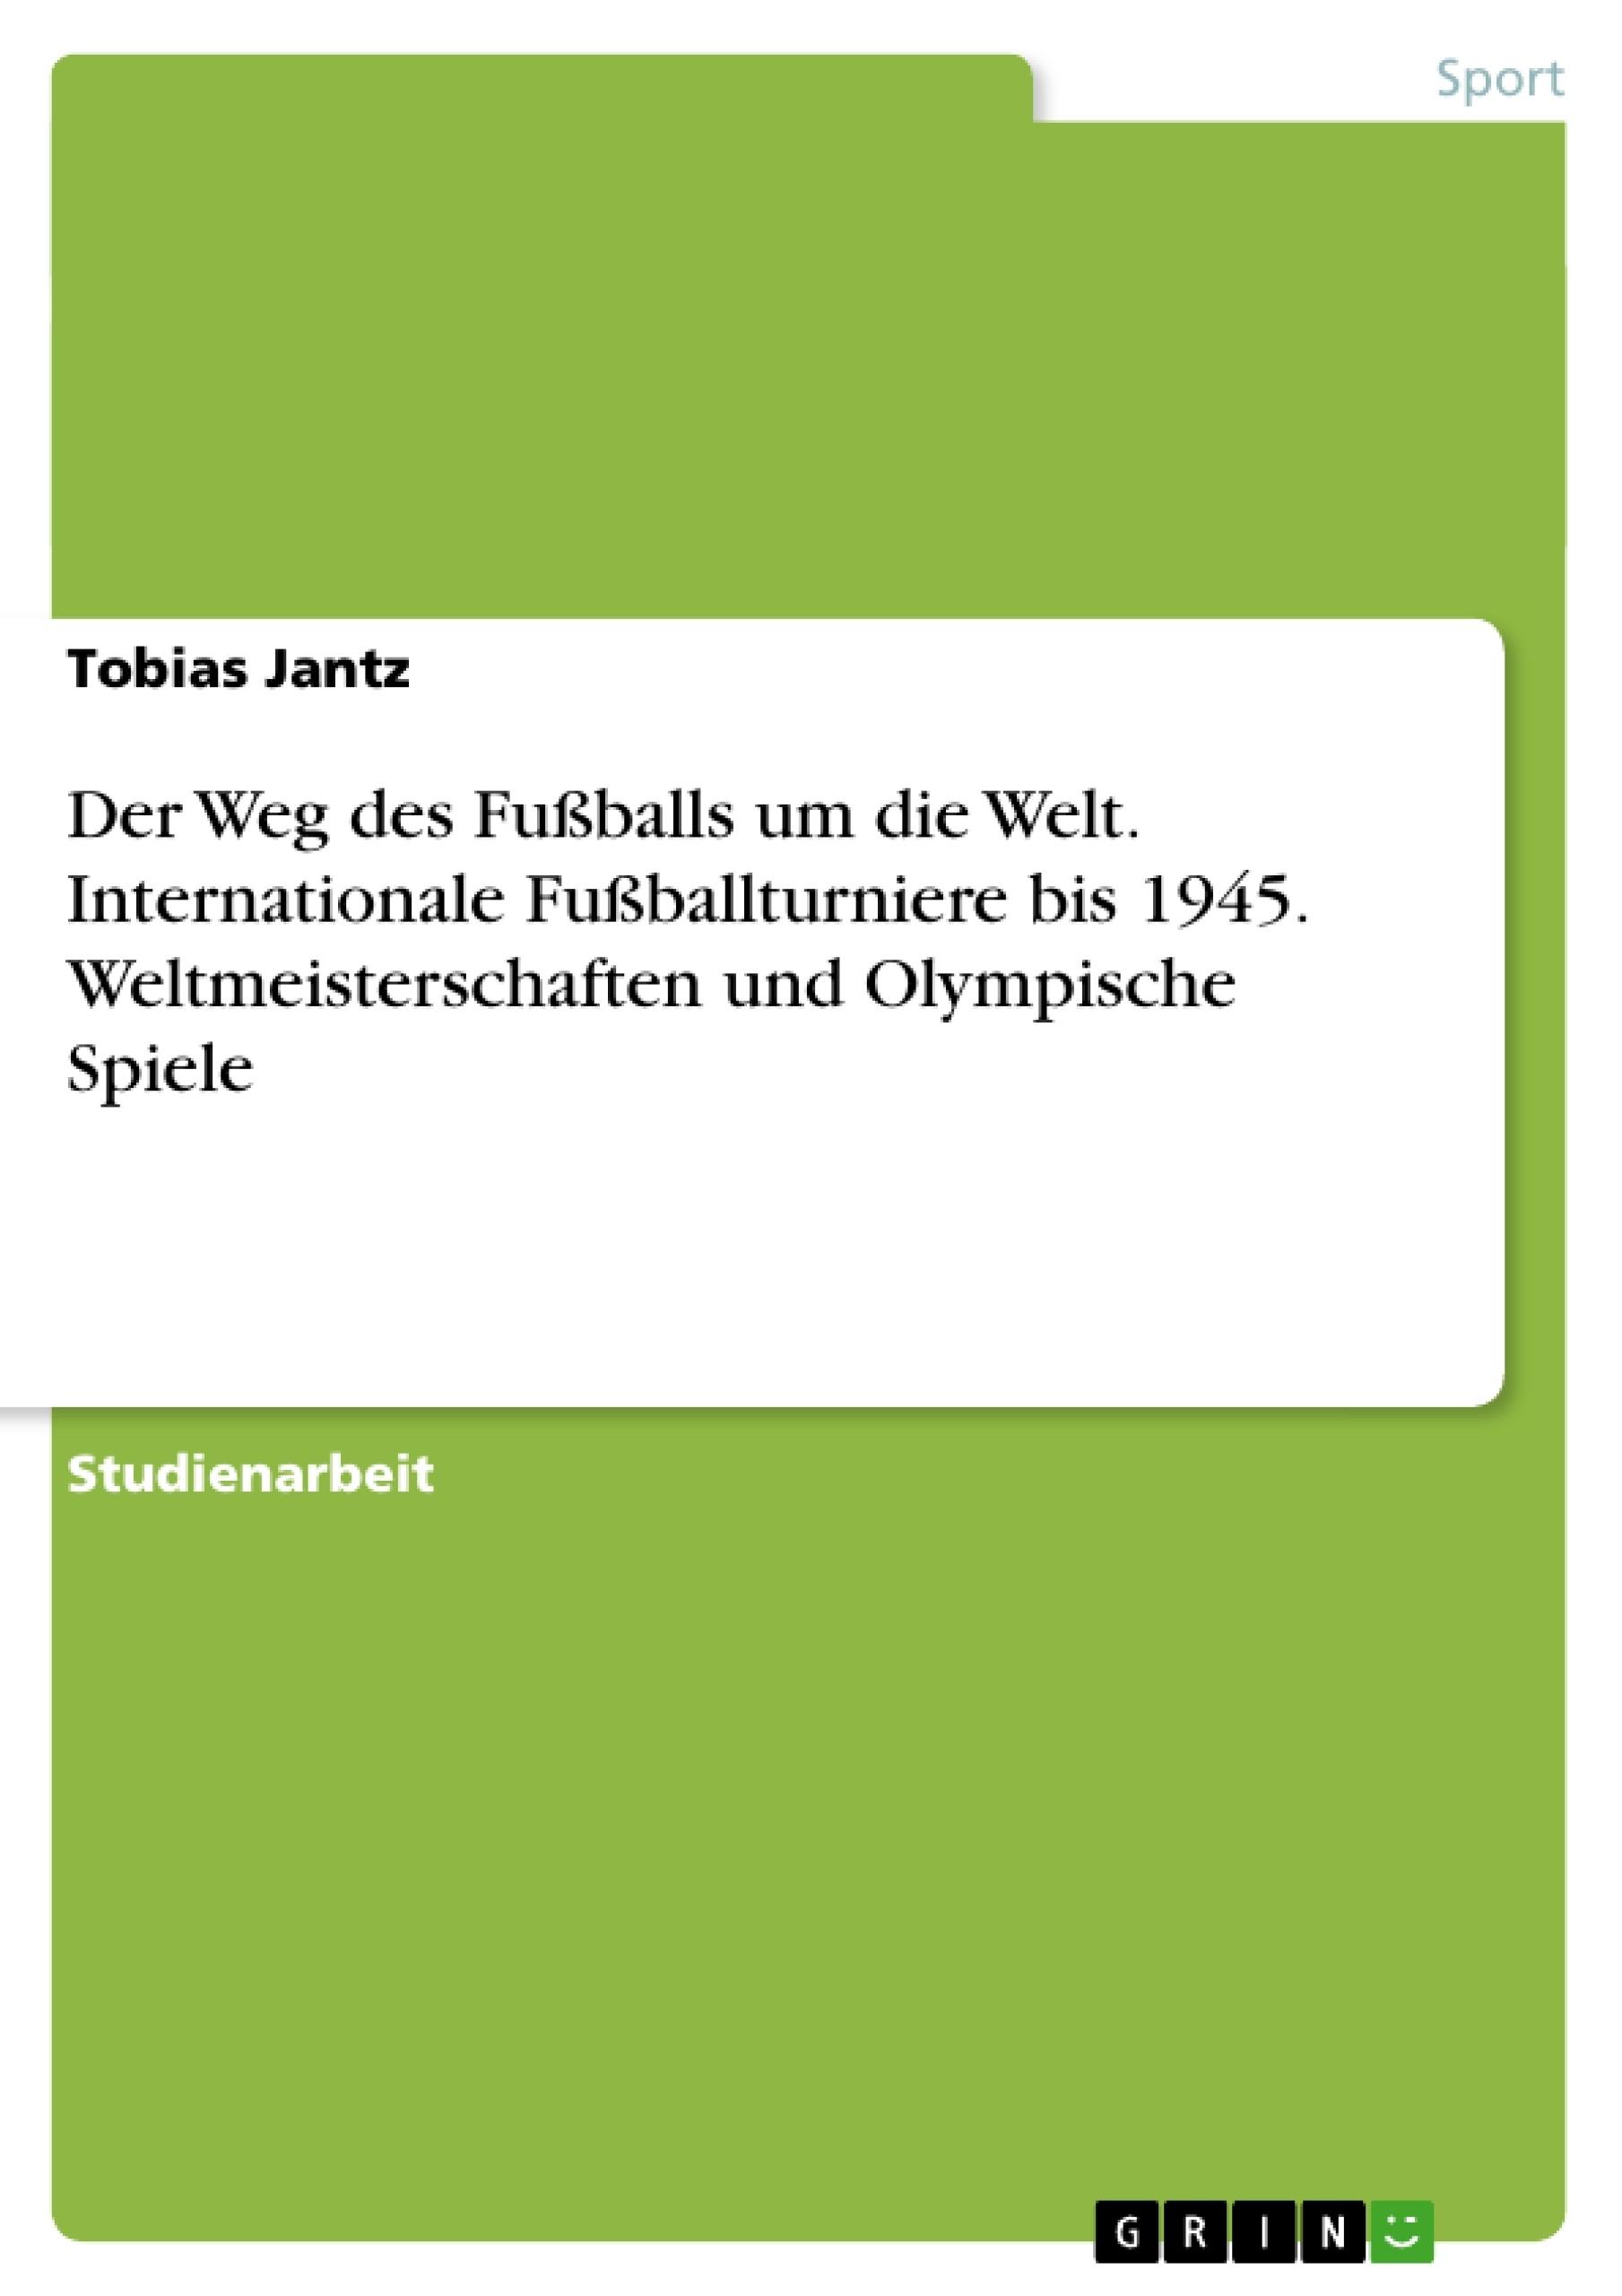 Titel: Der Weg des Fußballs um die Welt. Internationale Fußballturniere bis 1945. Weltmeisterschaften und Olympische Spiele